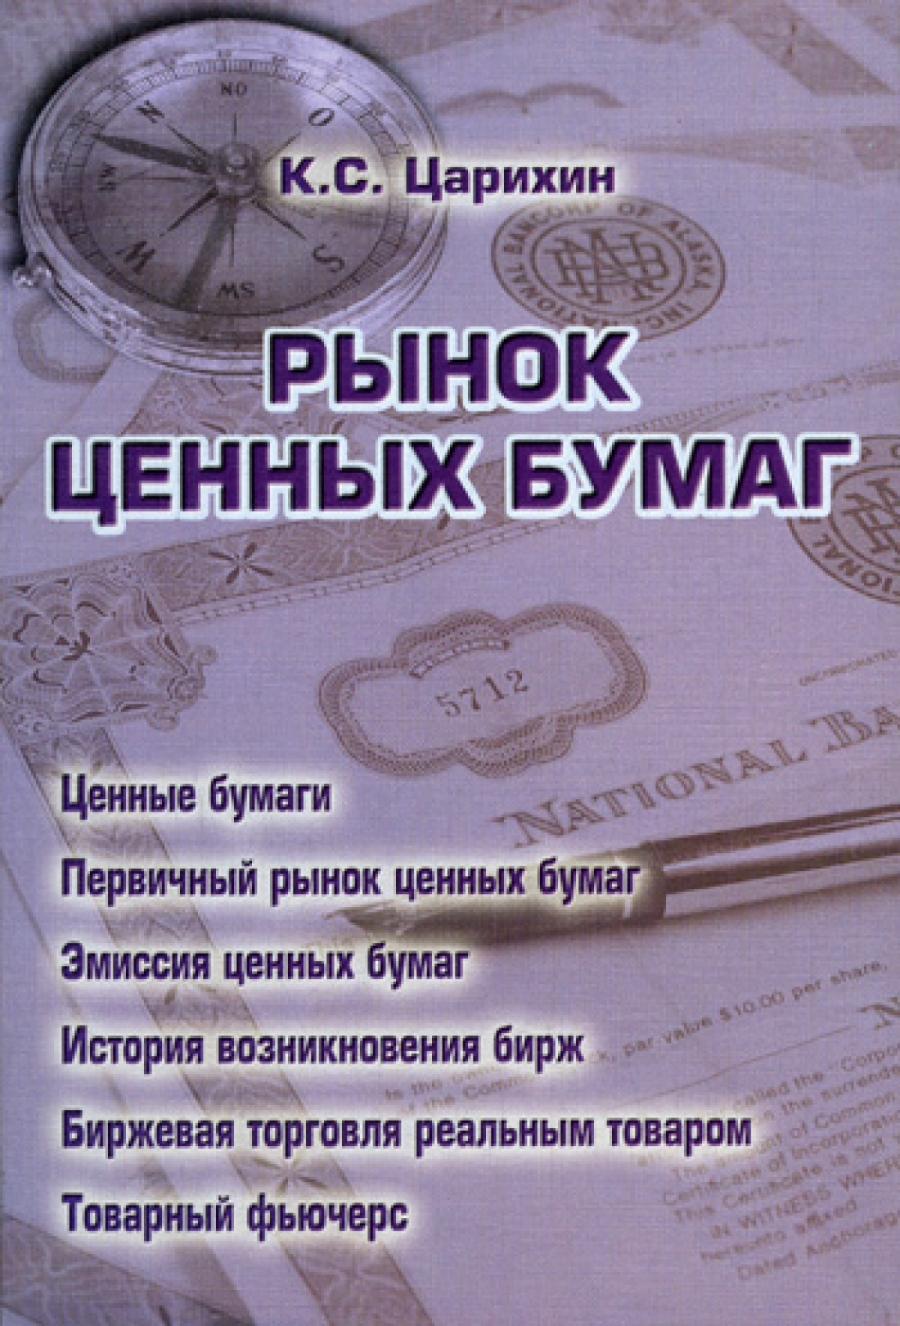 Обложка книги:  к.с. царихин - практикум по курсу - рынок ценных бумаг.